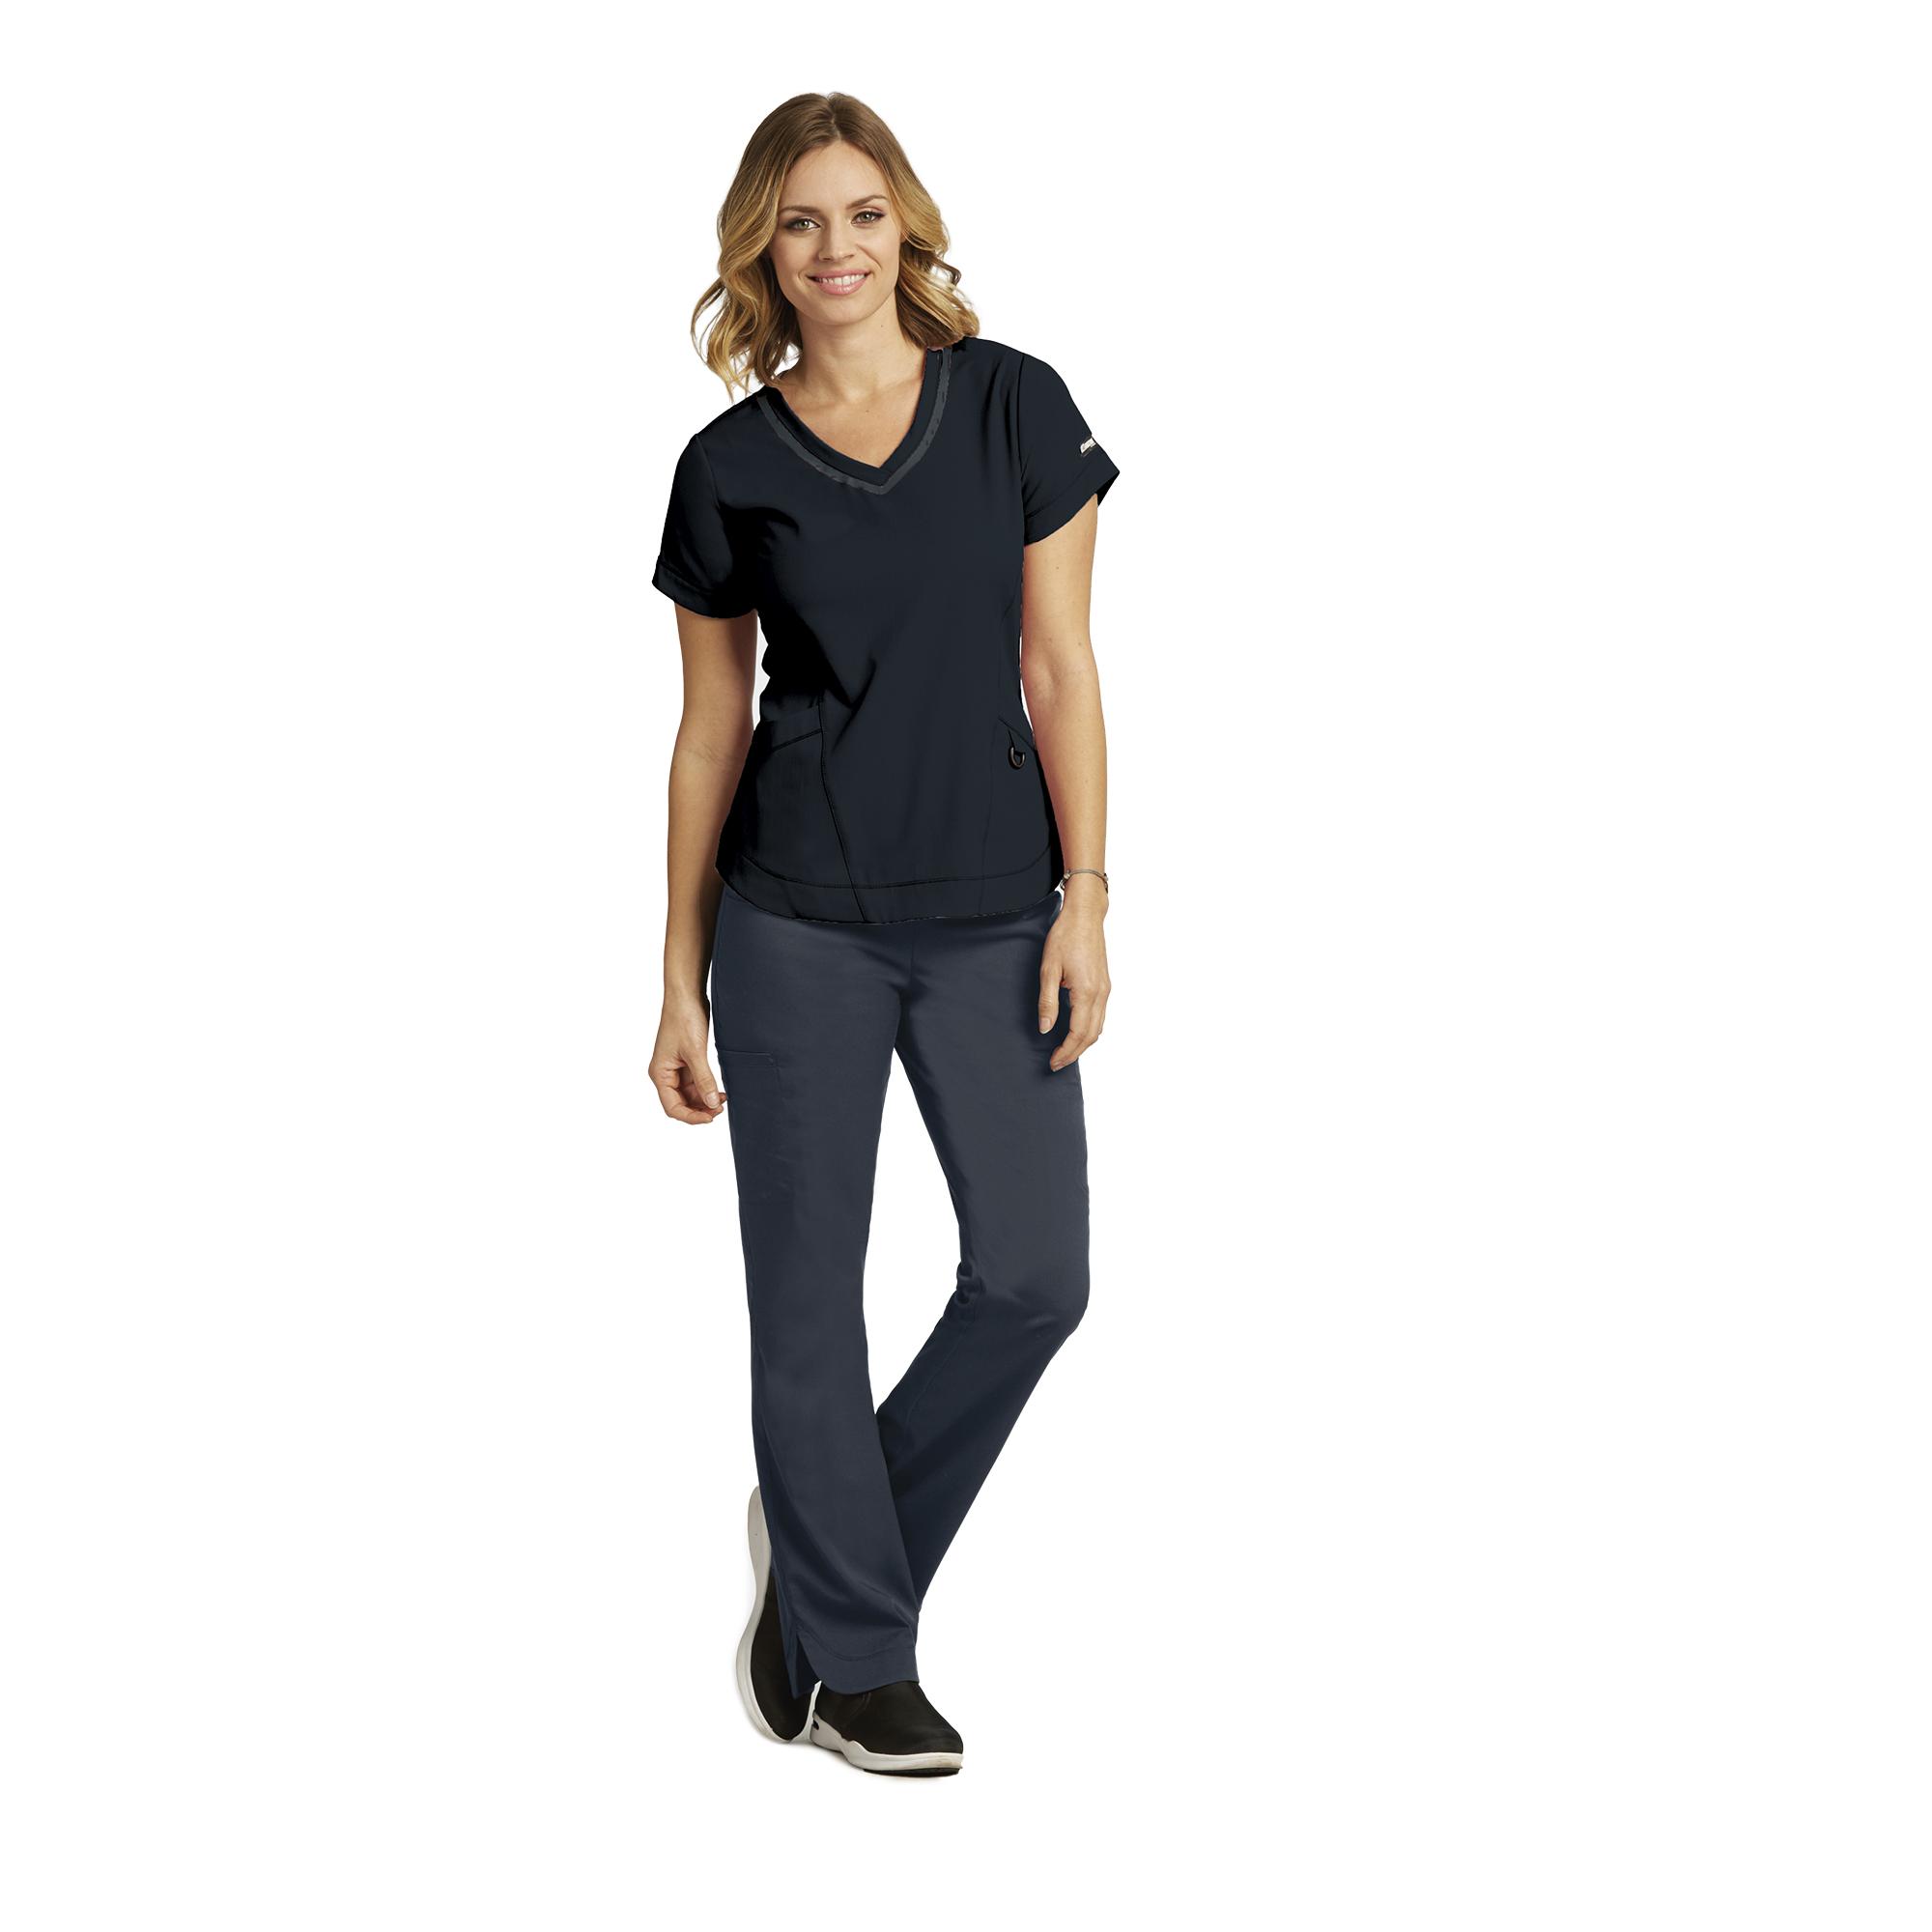 Buy 3pkt Seamed V-Neck - Greys Anatomy Impact Online at Best price - NY